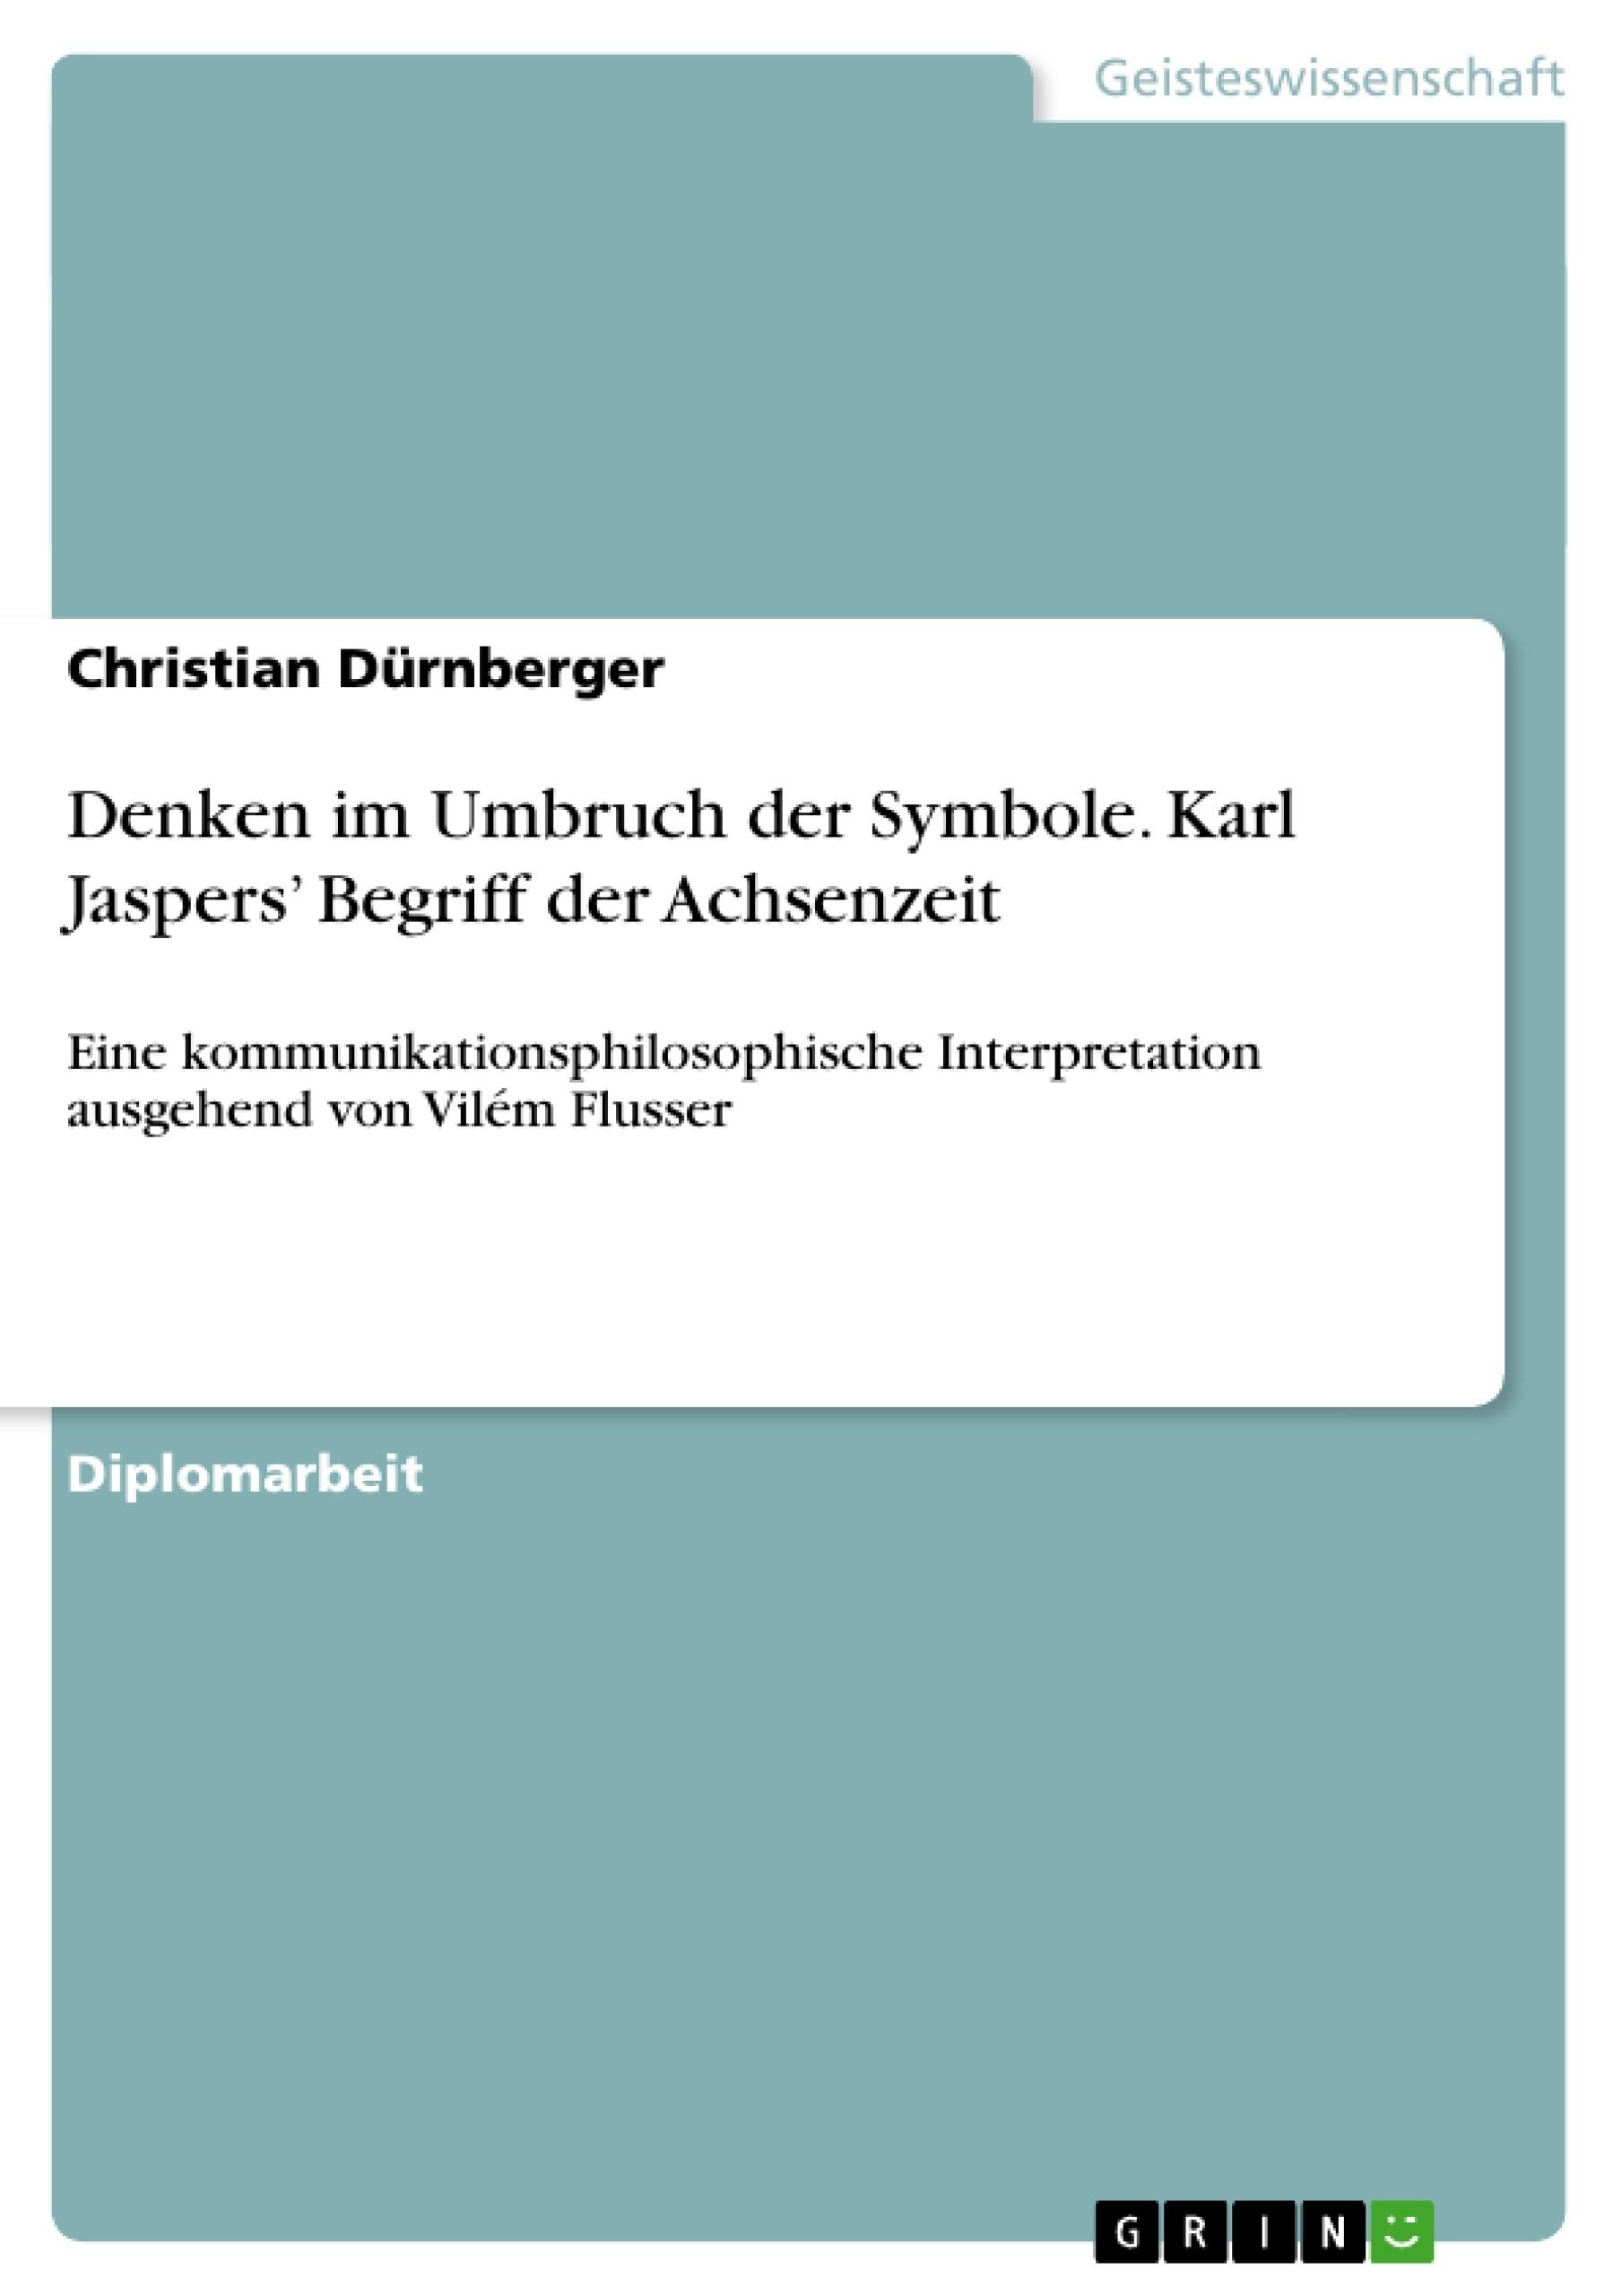 Denken im Umbruch der Symbole. Karl Jaspers\' Begriff der Achsenzeit ...